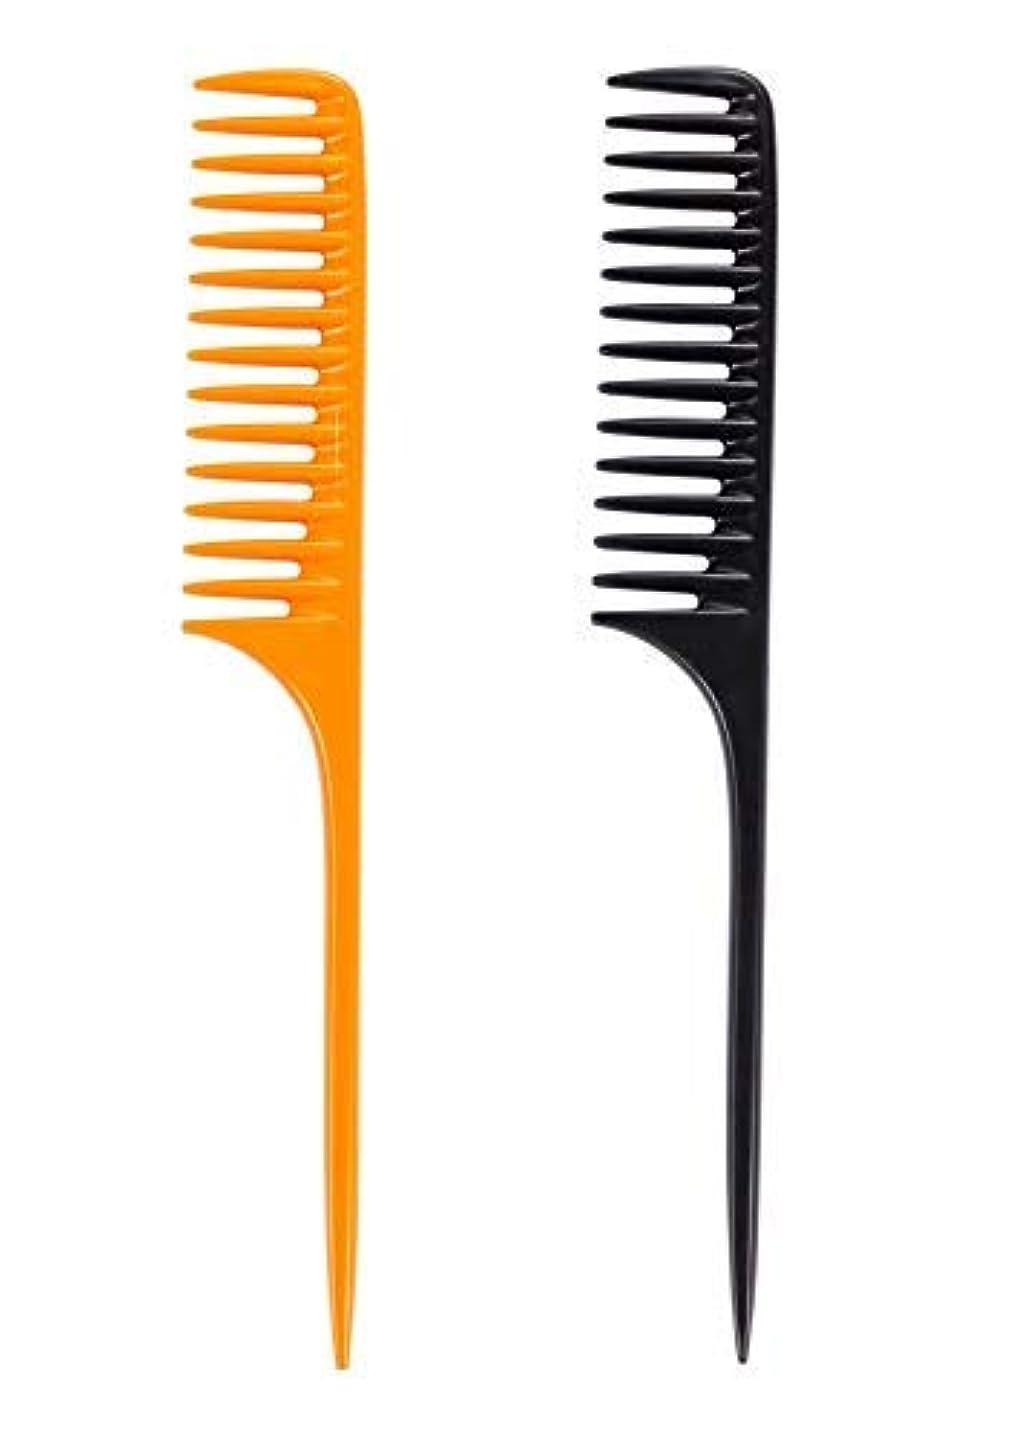 超越する古代配送Louise Maelys 2pcs Wide Tooth Rat Tail Comb for Curly Hair Styling Detangle Hair Combs Black and Yellow [並行輸入品]